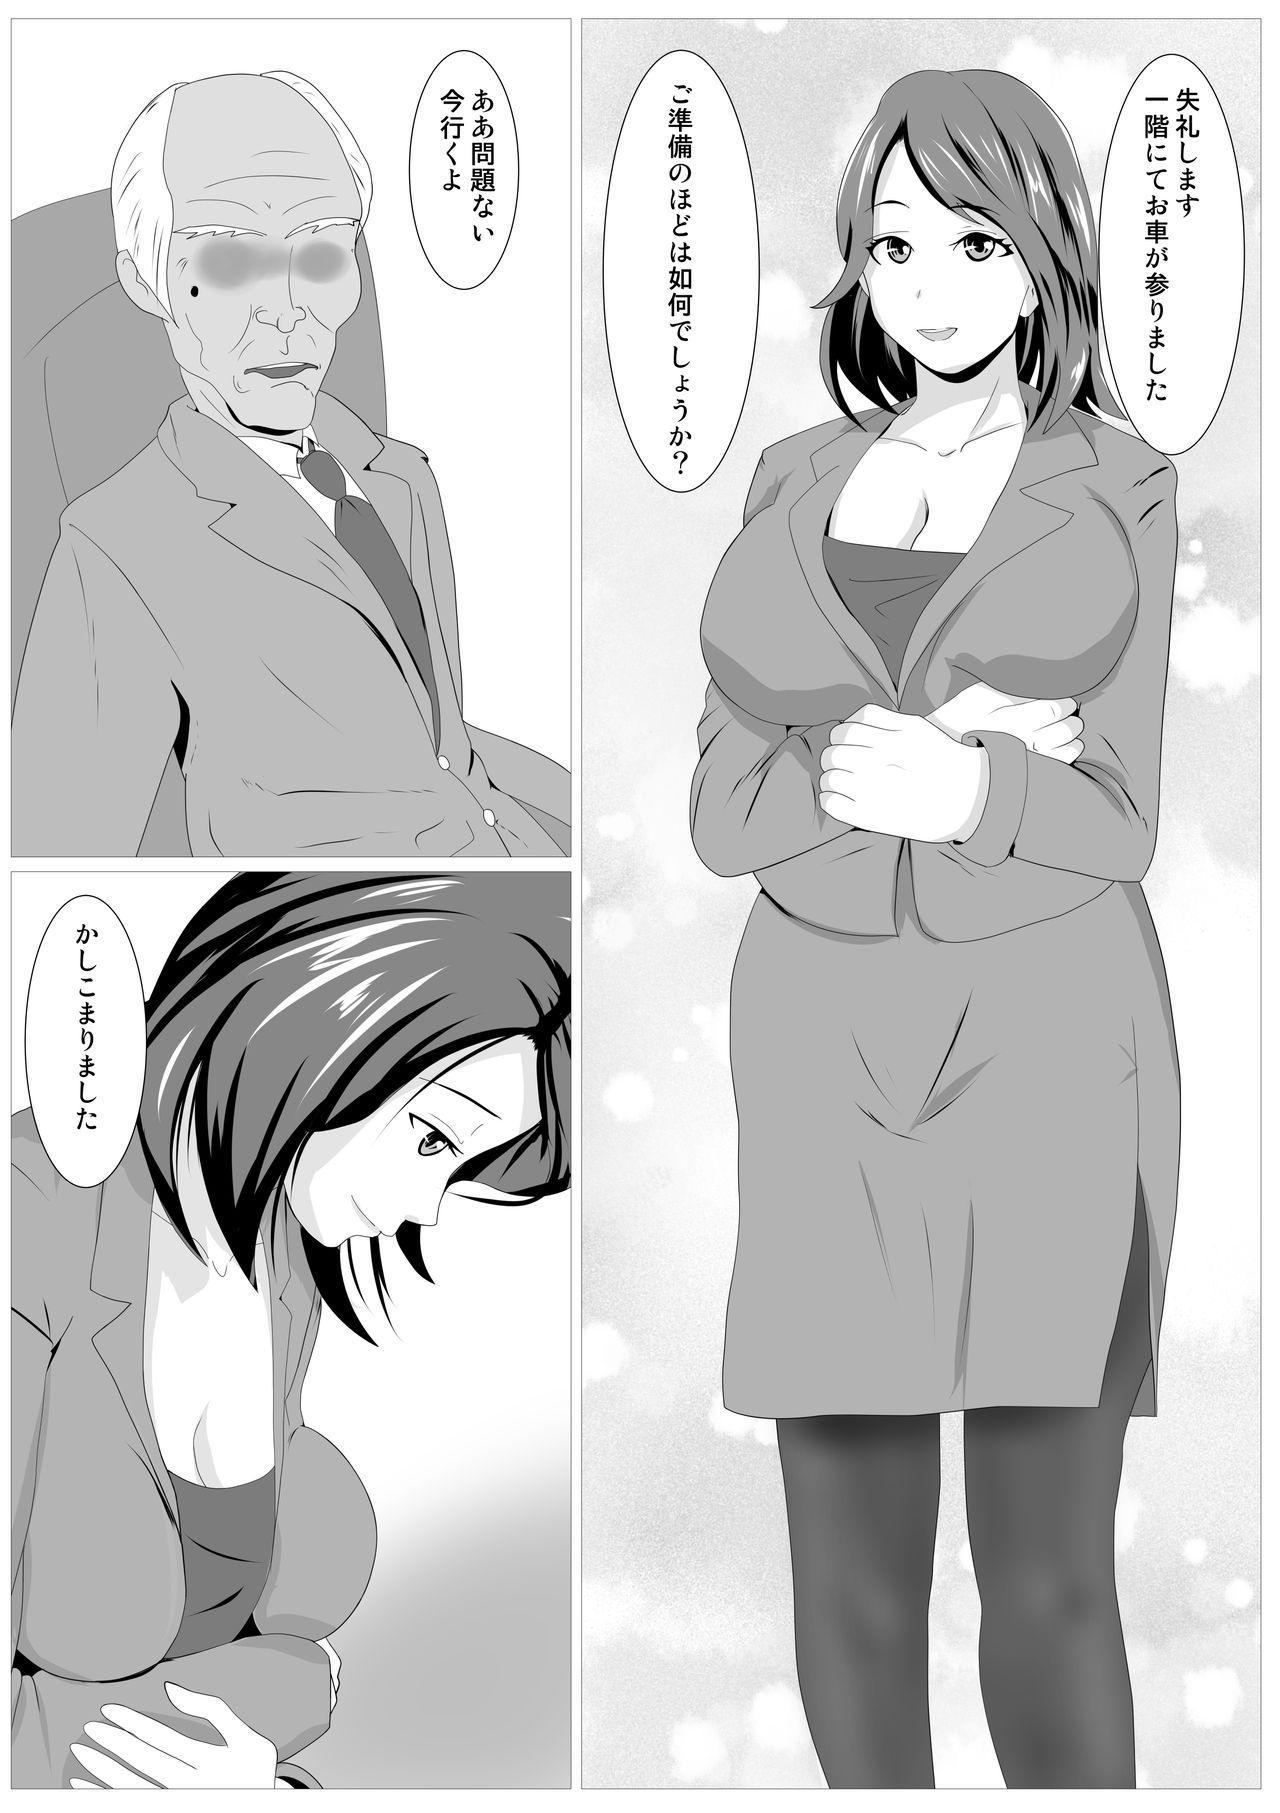 Musuko no Tamenaraba 6